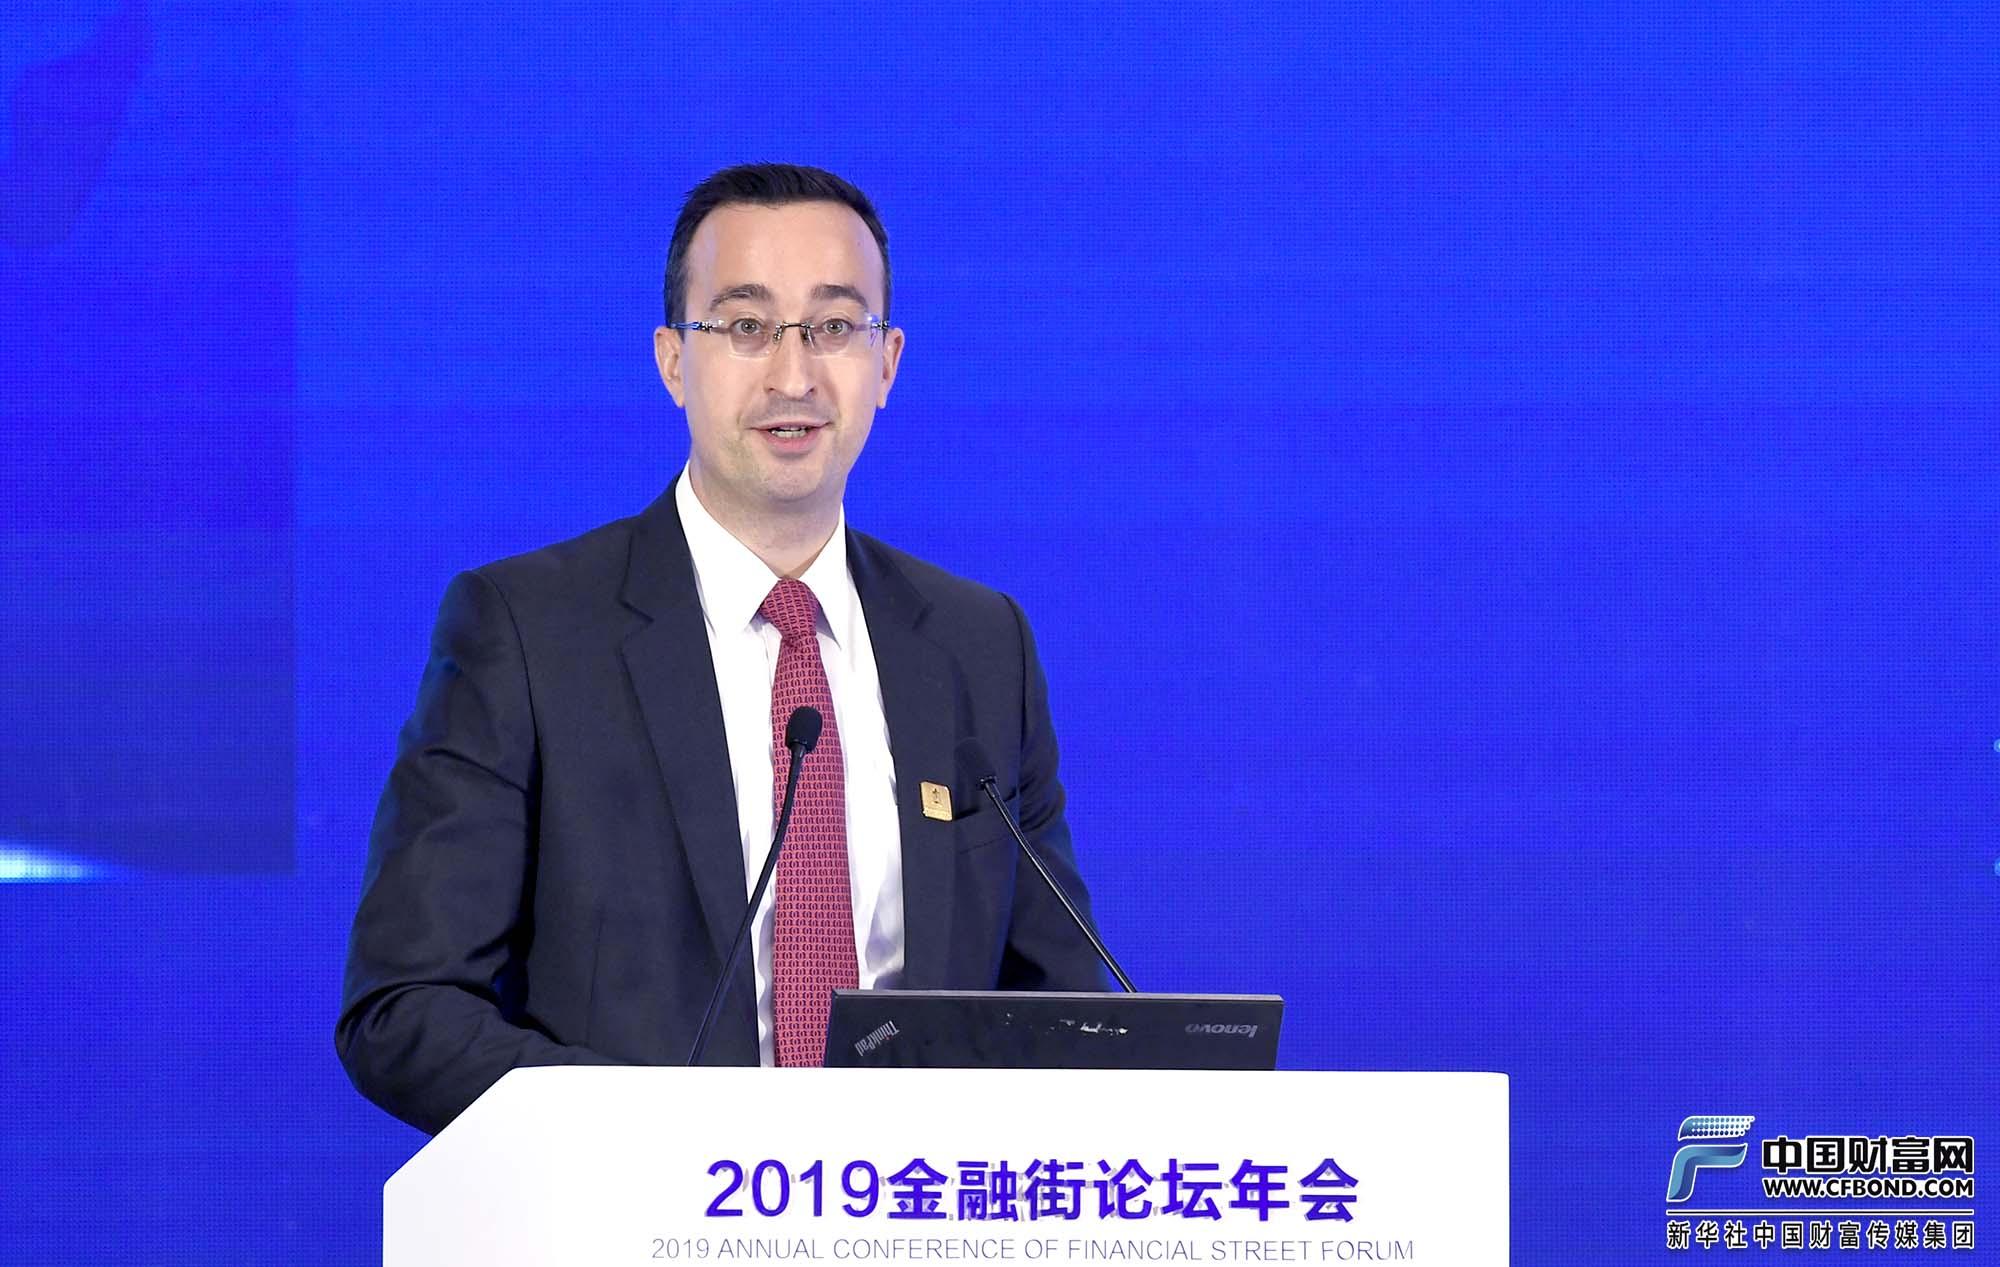 演讲嘉宾:渣打集团全球首席经济学家David Mann